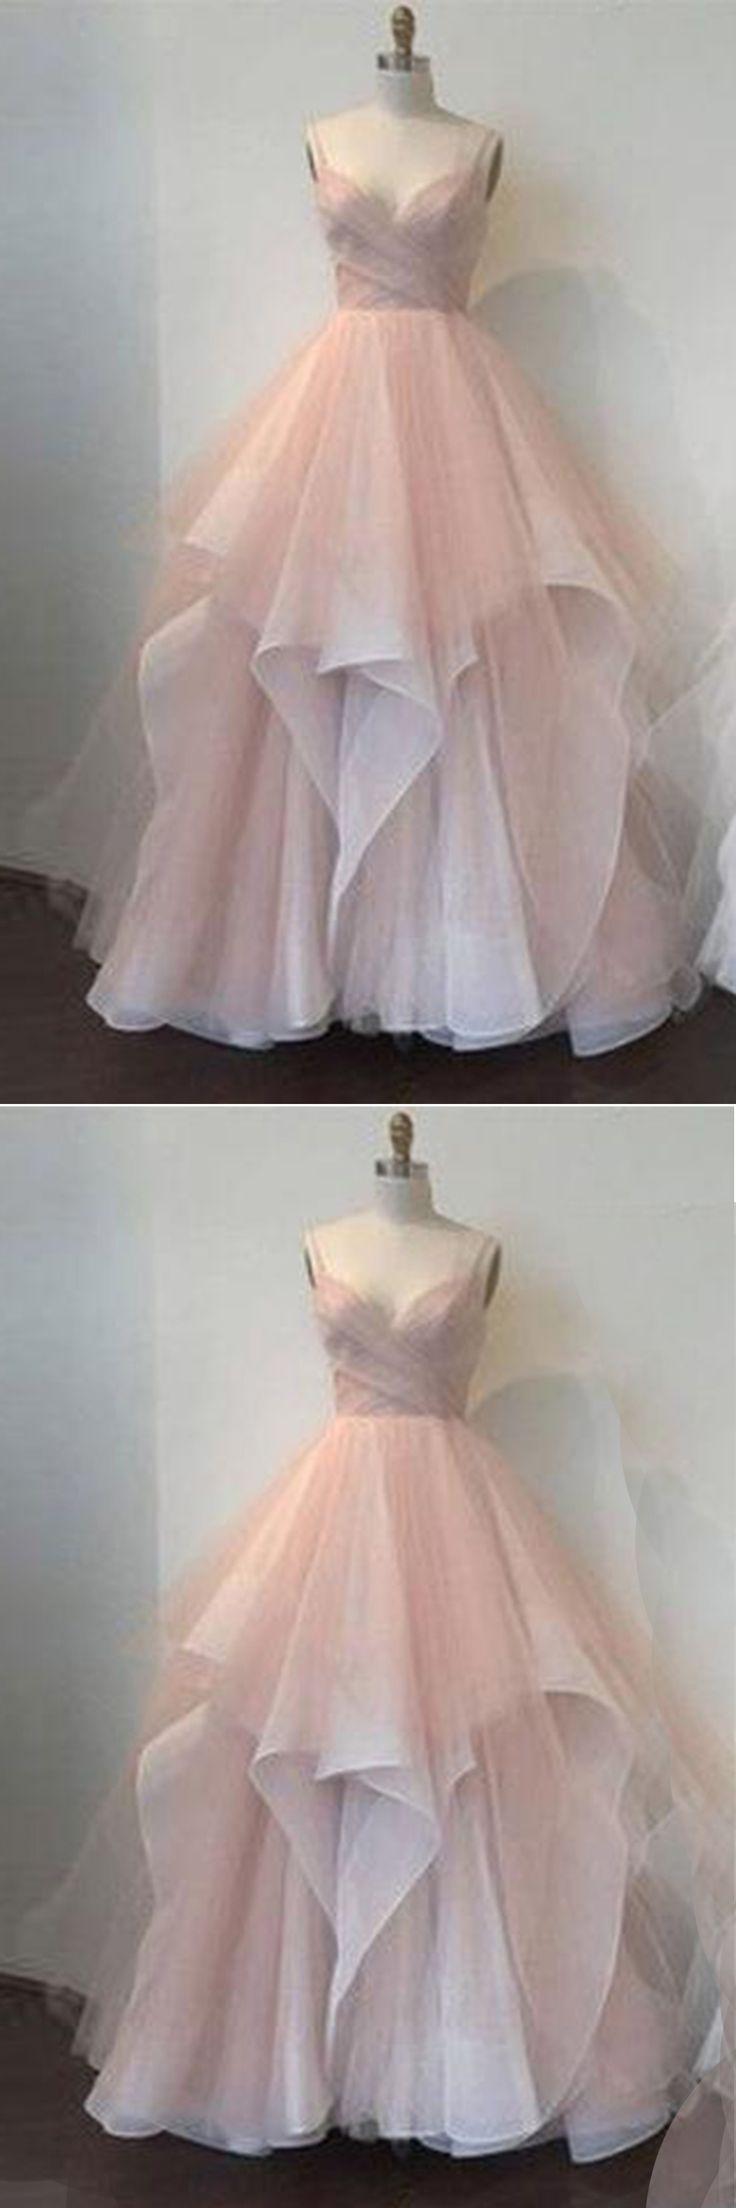 Blush pink tulle sweetheart neckline long senior prom dresses